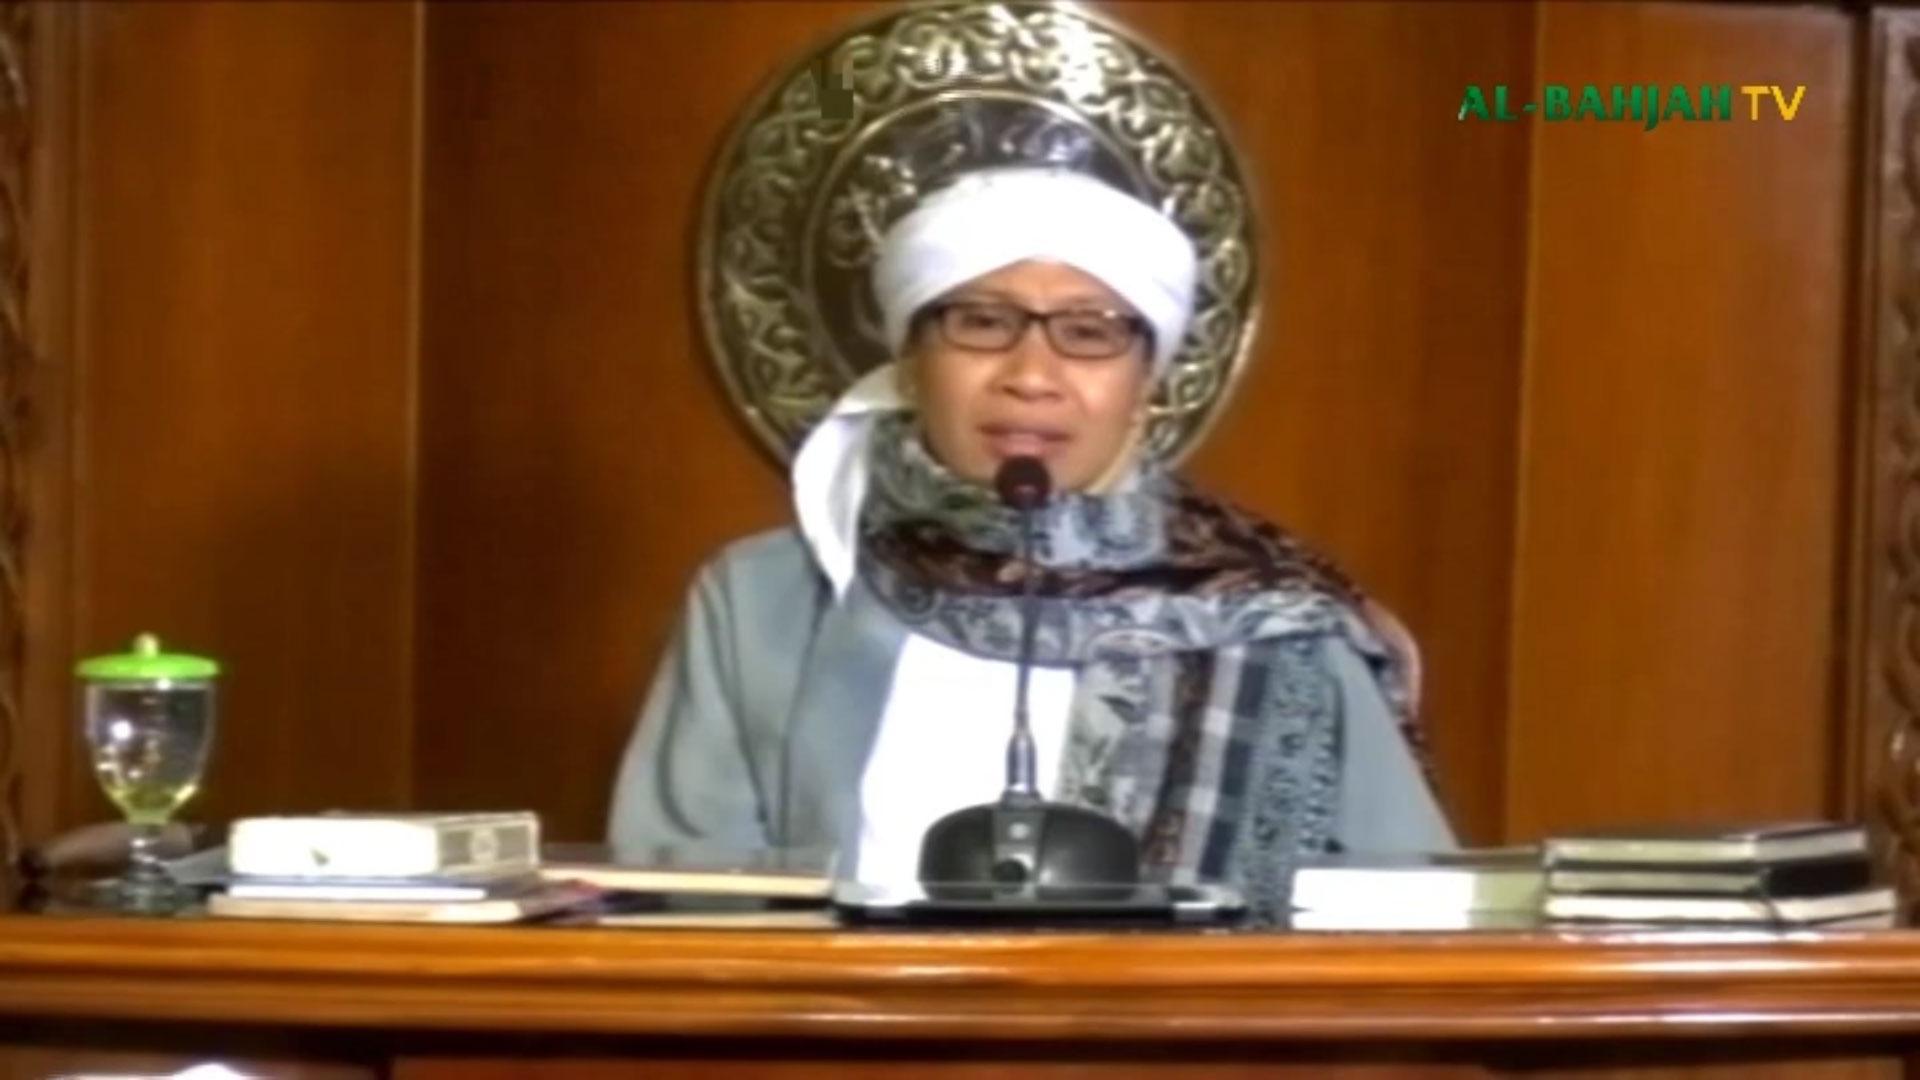 Frekuensi siaran Al Bahjah TV di satelit ABS 2A Terbaru